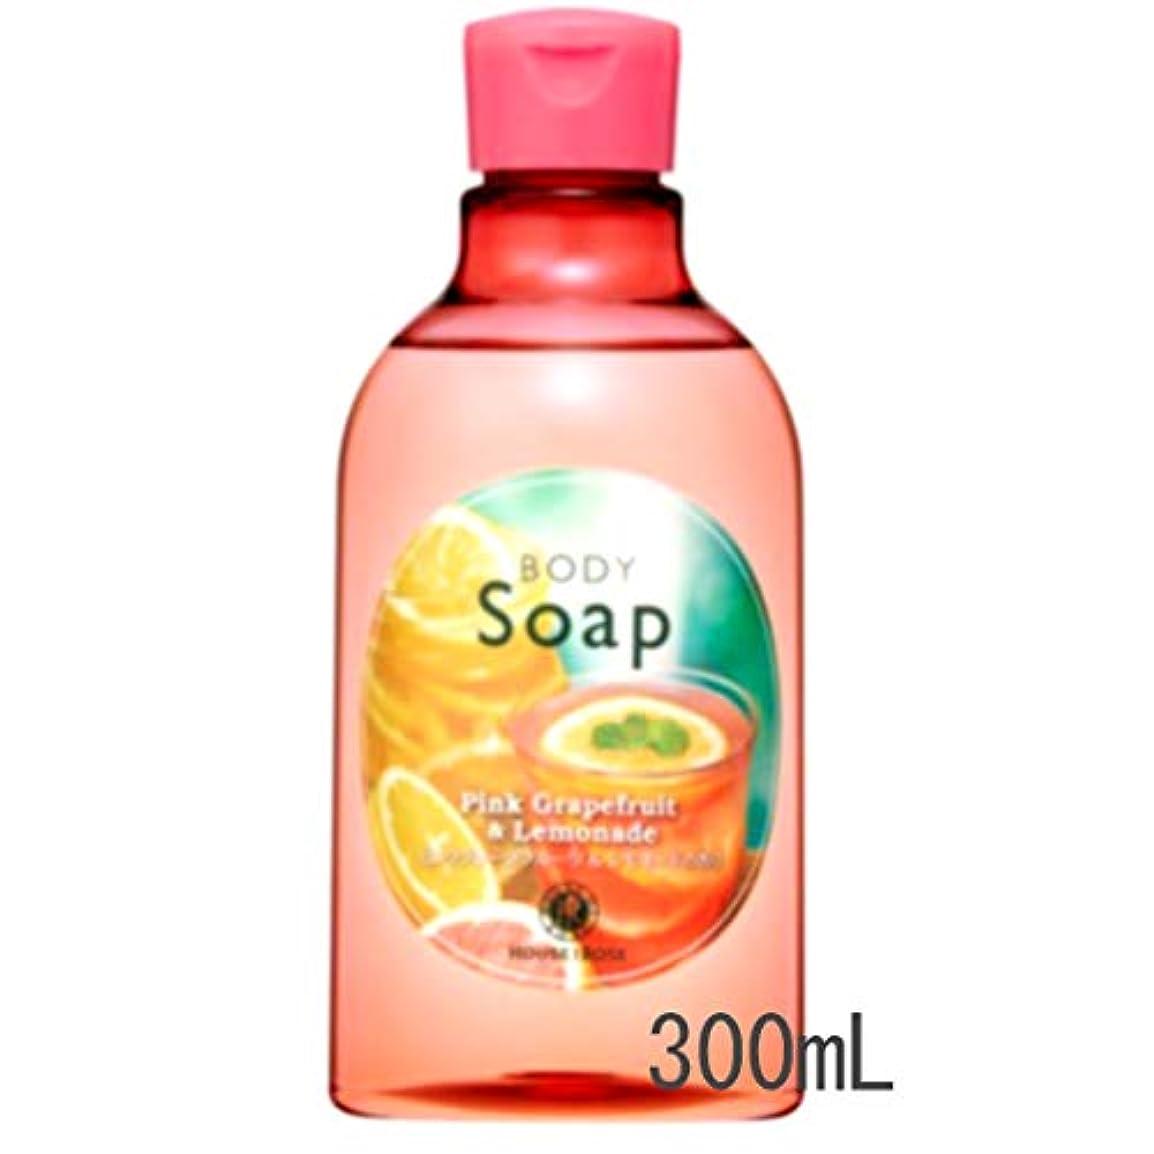 実現可能性藤色エクスタシーHOUSE OF ROSE(ハウスオブローゼ) ボディソープ PL(ピンクグレープフルーツ&レモネードの香り)300mL